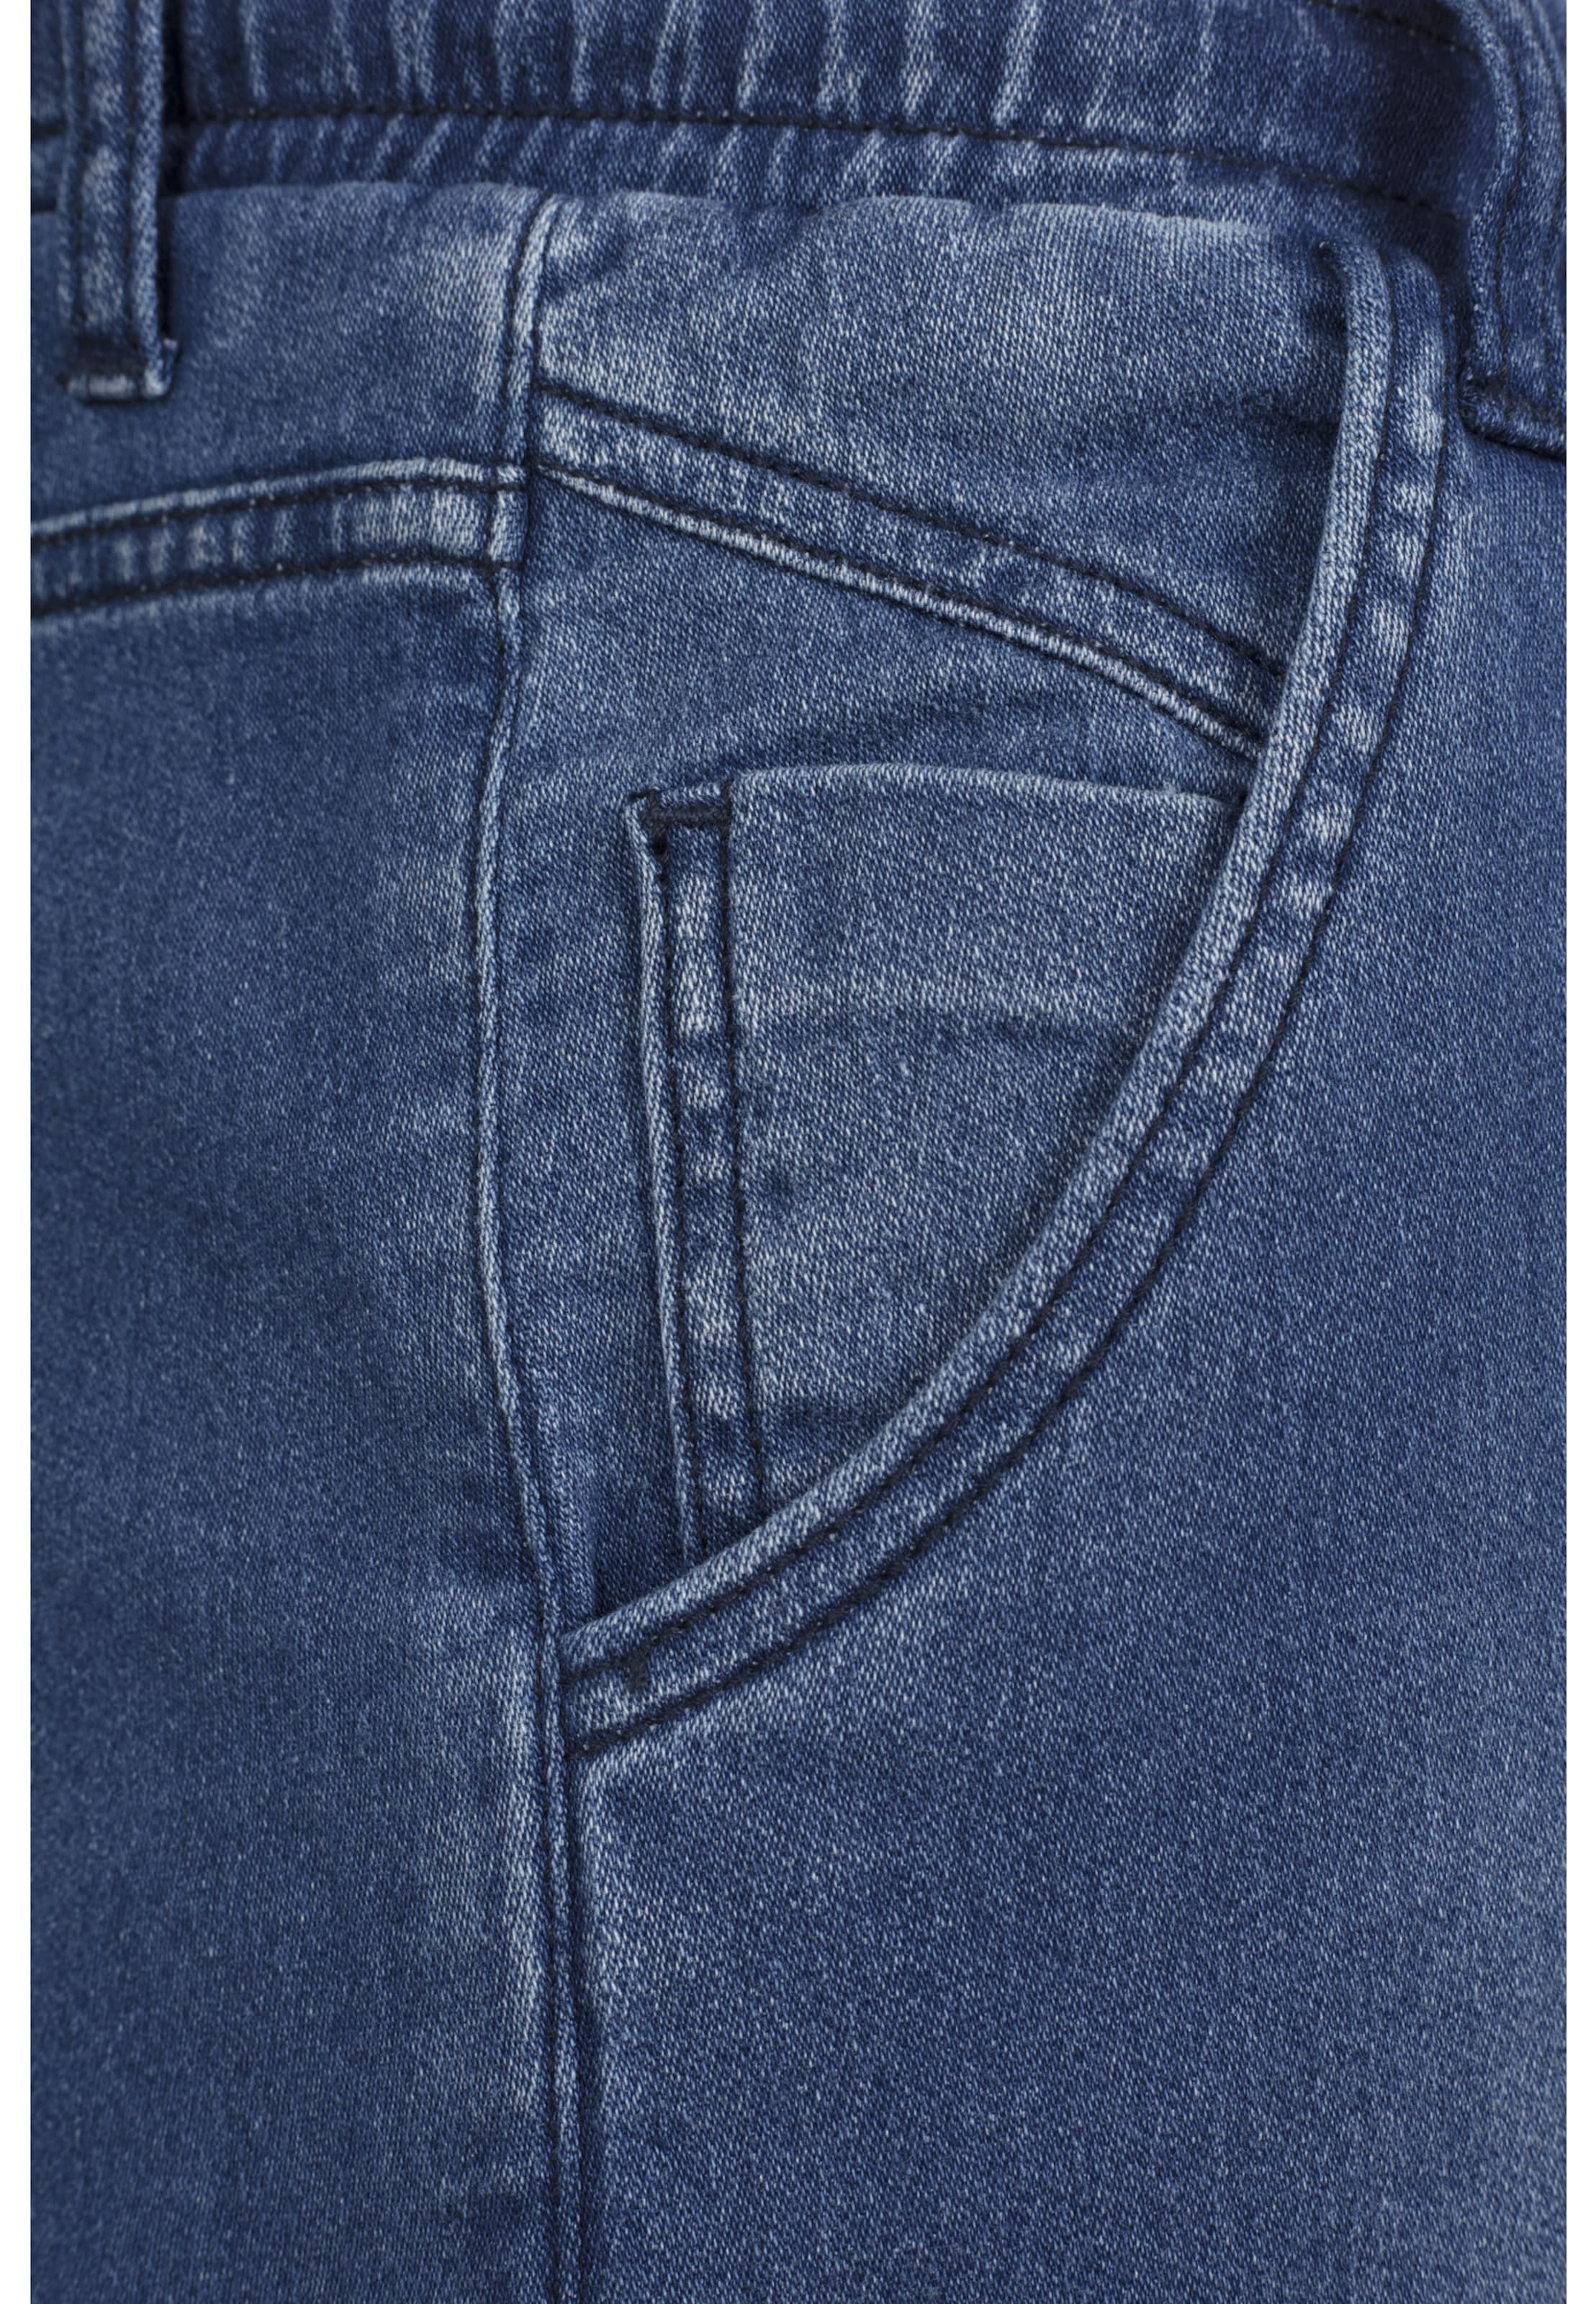 Classics In Blue Denim Urban Jeans H2D9IE